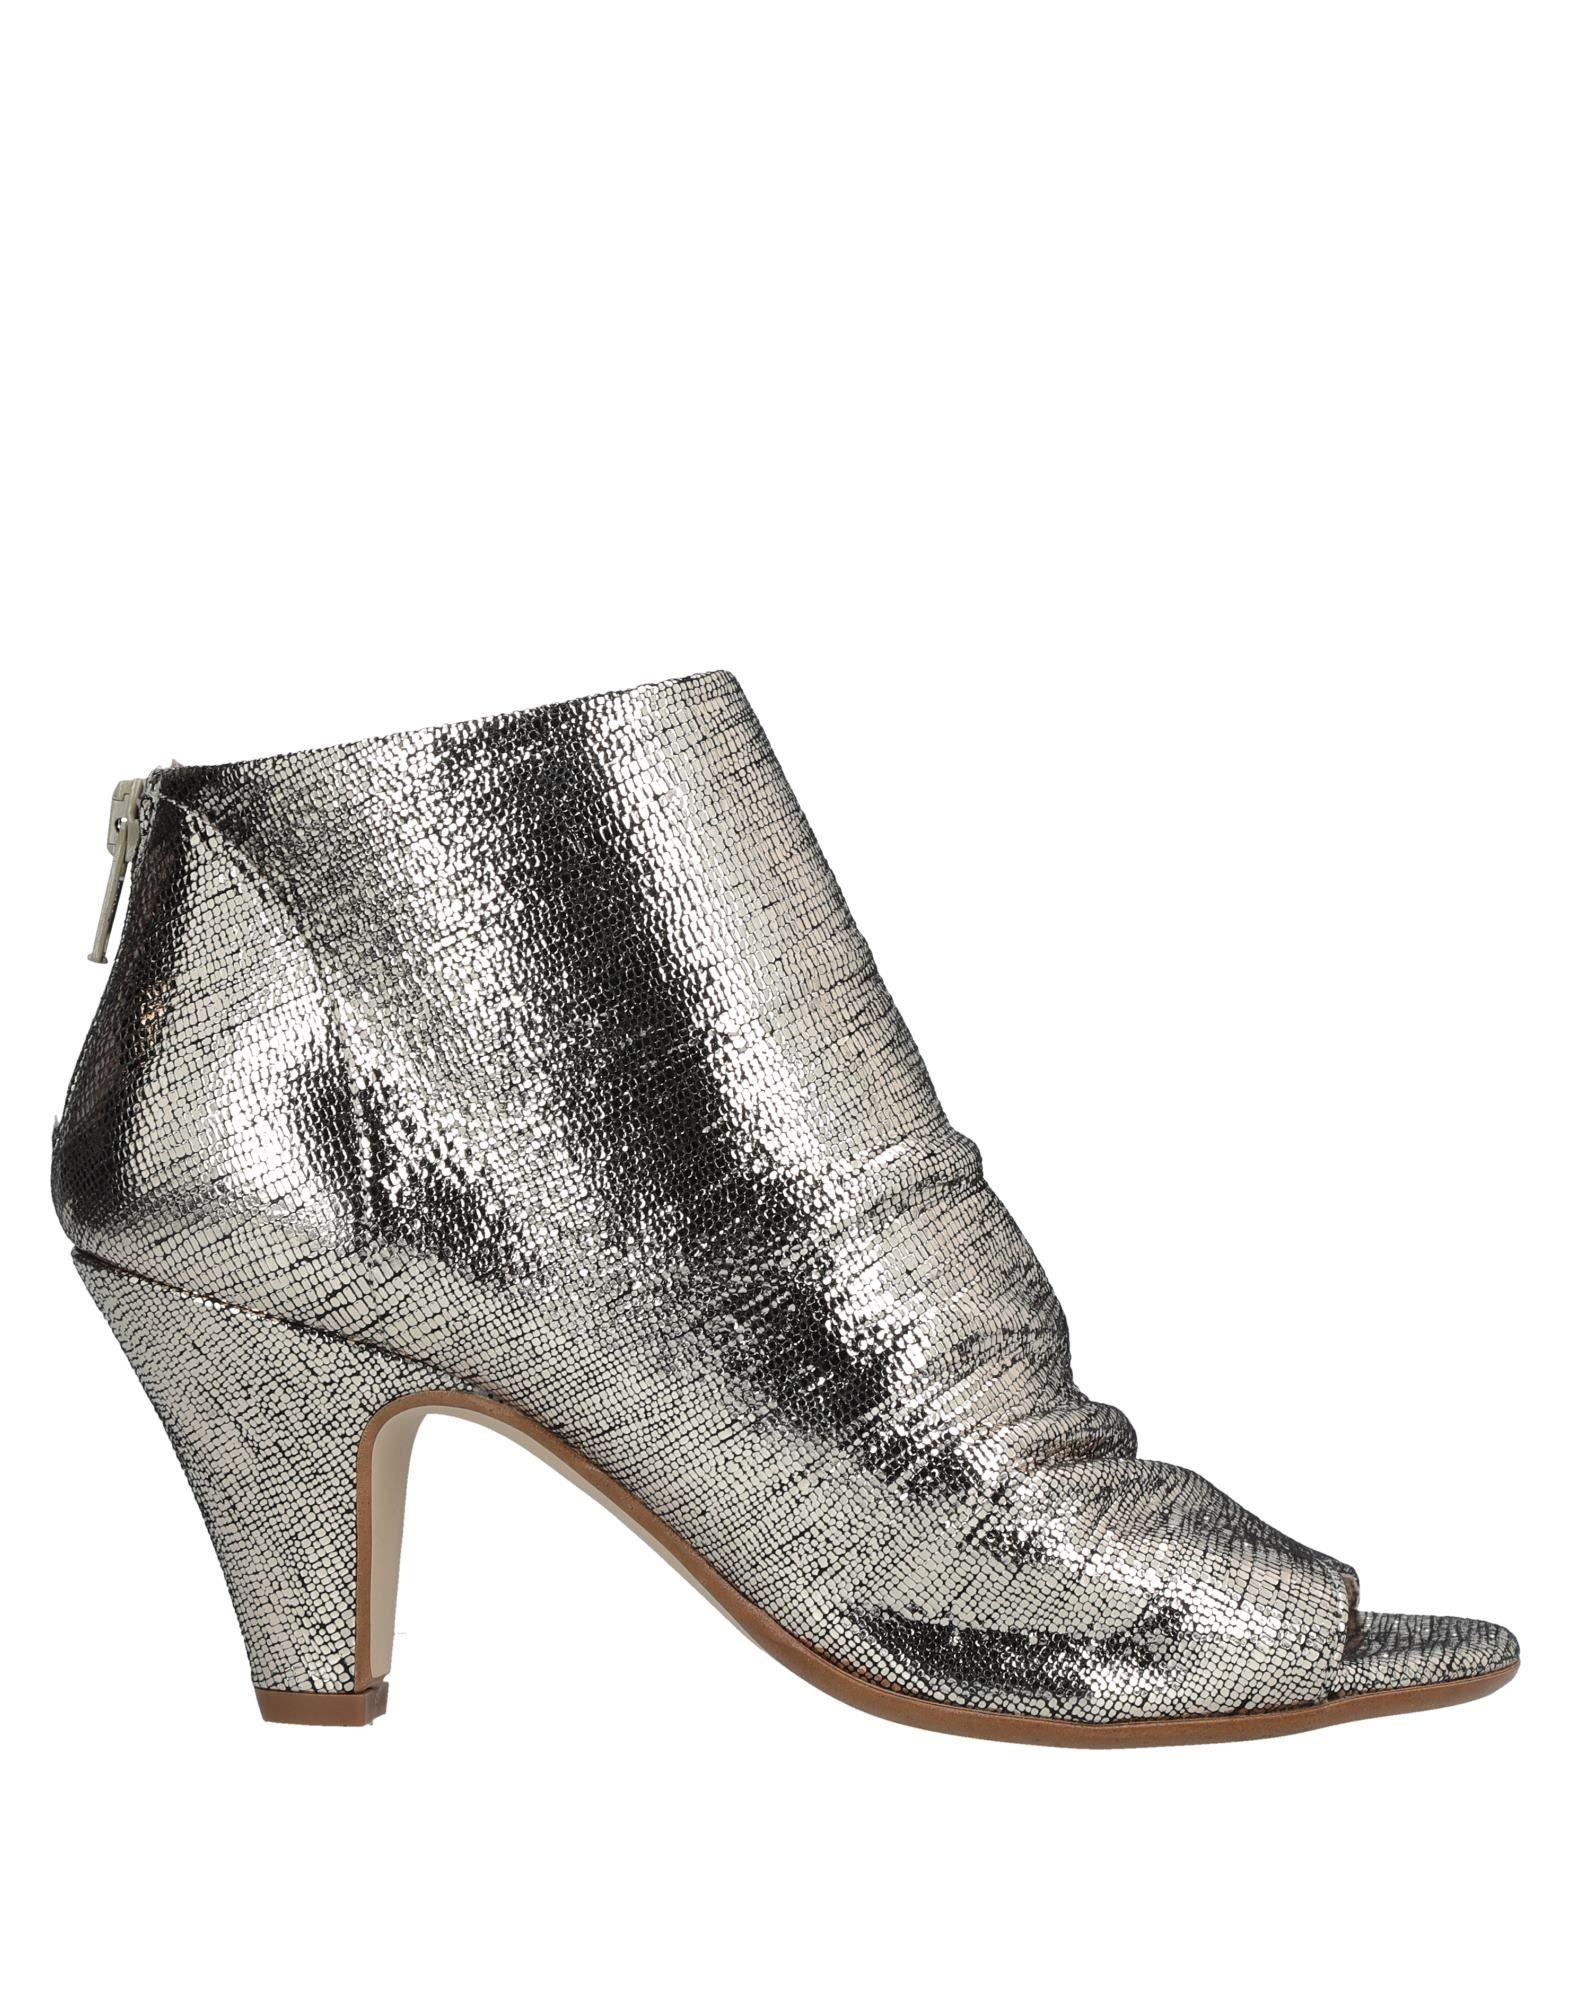 Carmens Stiefelette Damen  11422128LR Gute Qualität beliebte Schuhe